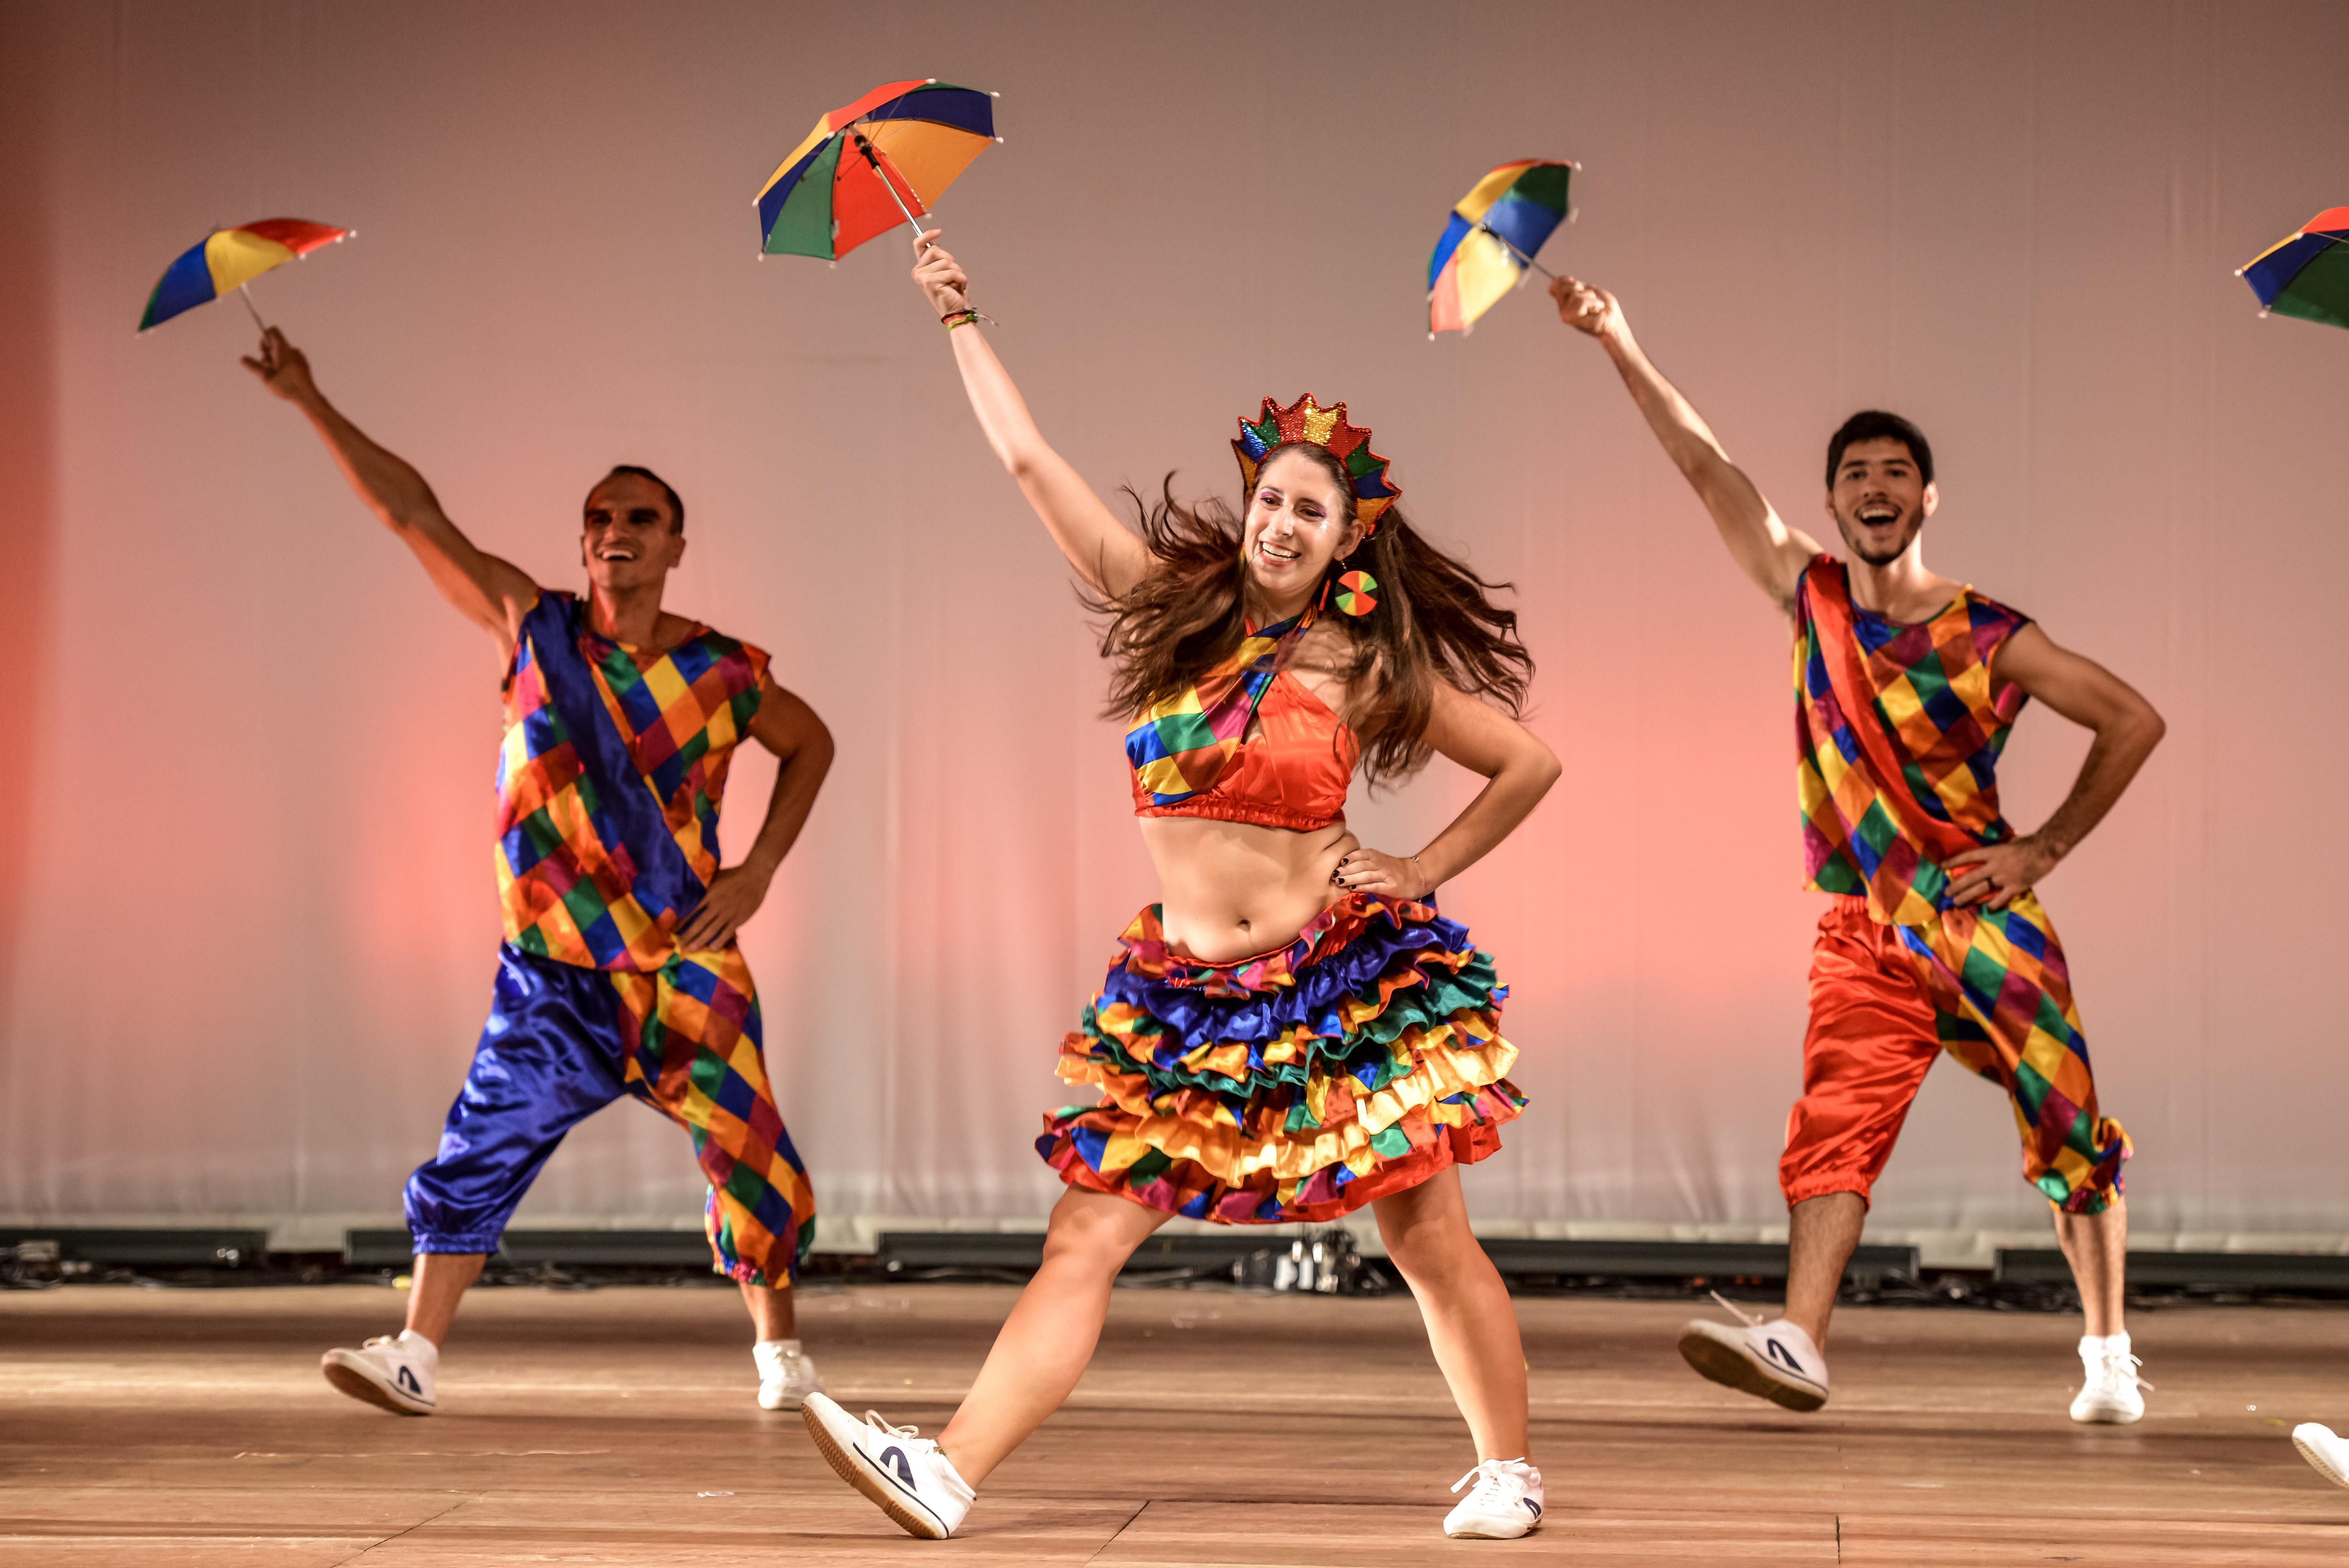 Às 10h de domingo o grupo de dança popular Oré Anacã se apresenta no palco principal do Corredor Cultural (Foto: Divulgação)